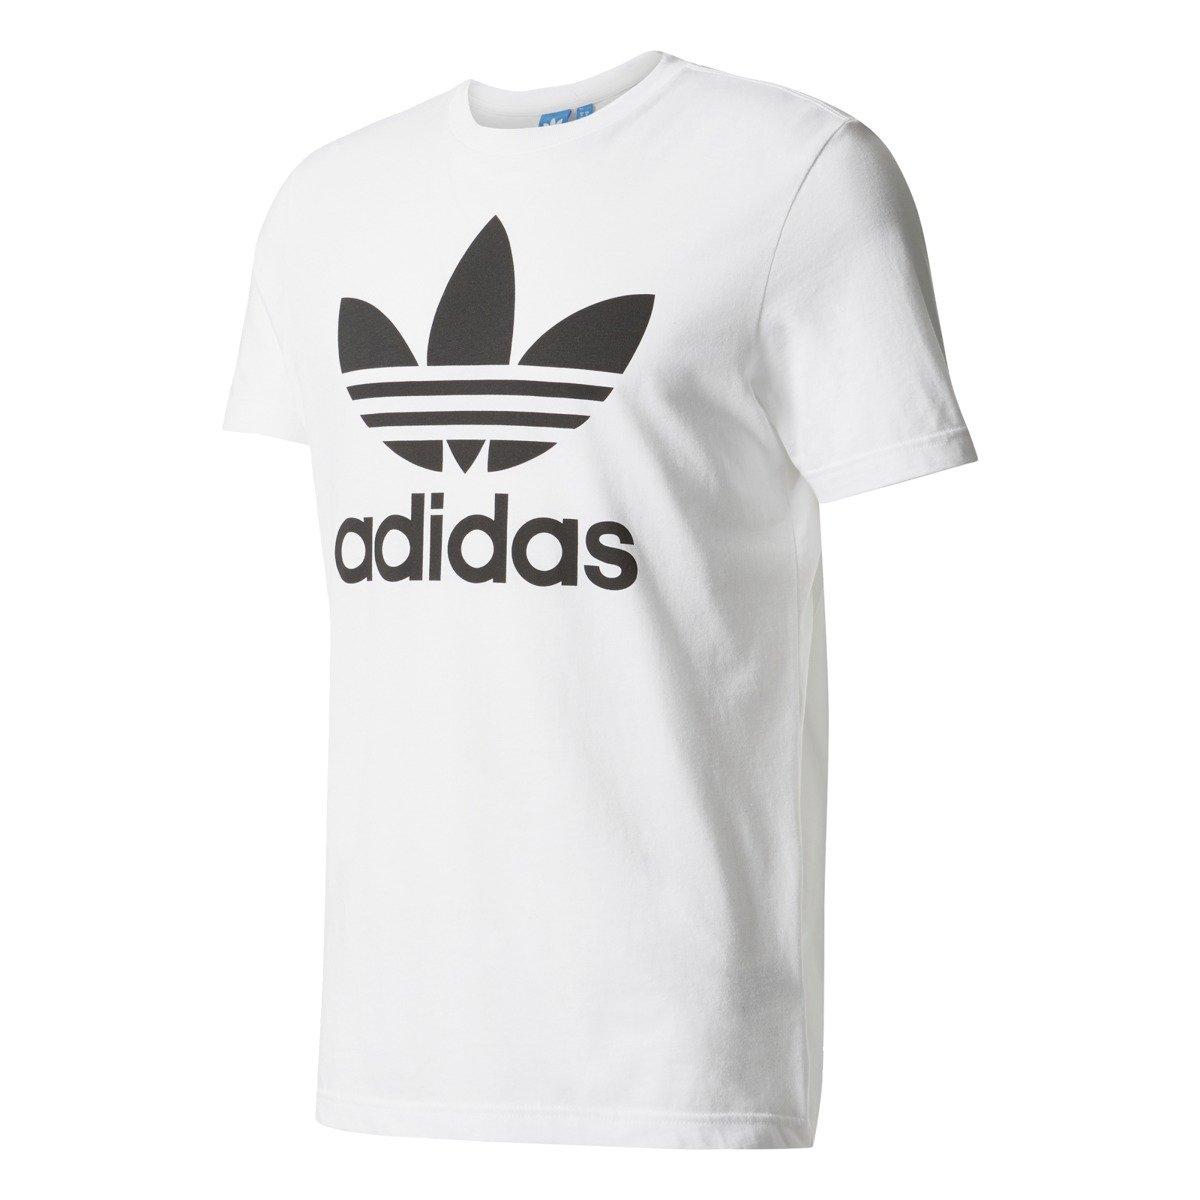 Adidas originals trefoil t shirt aj8828 bekleidung for Adidas trefoil t shirt